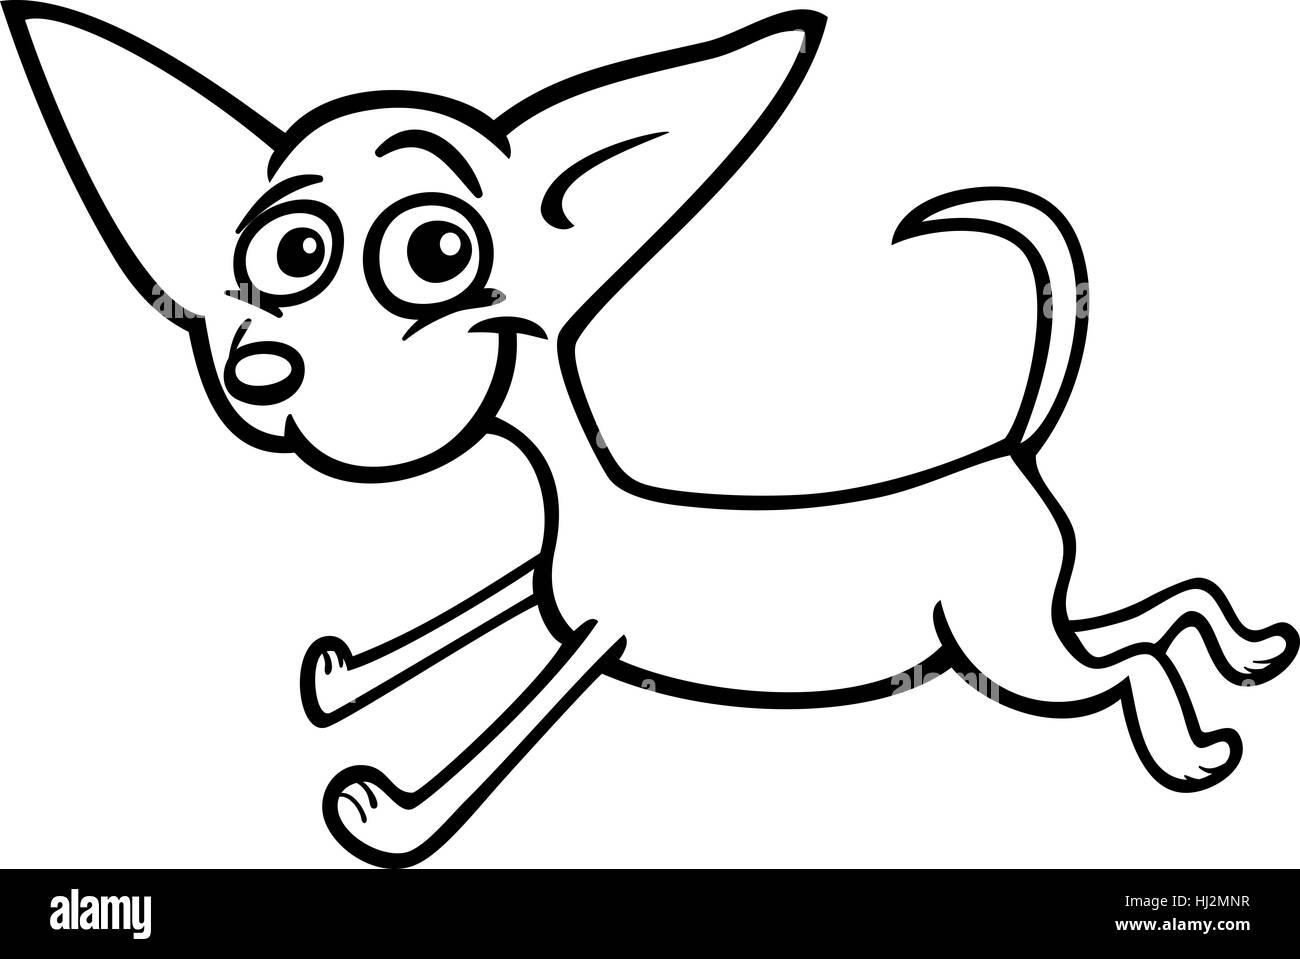 Moderno Perro Caliente Para Colorear Motivo - Dibujos Para Colorear ...